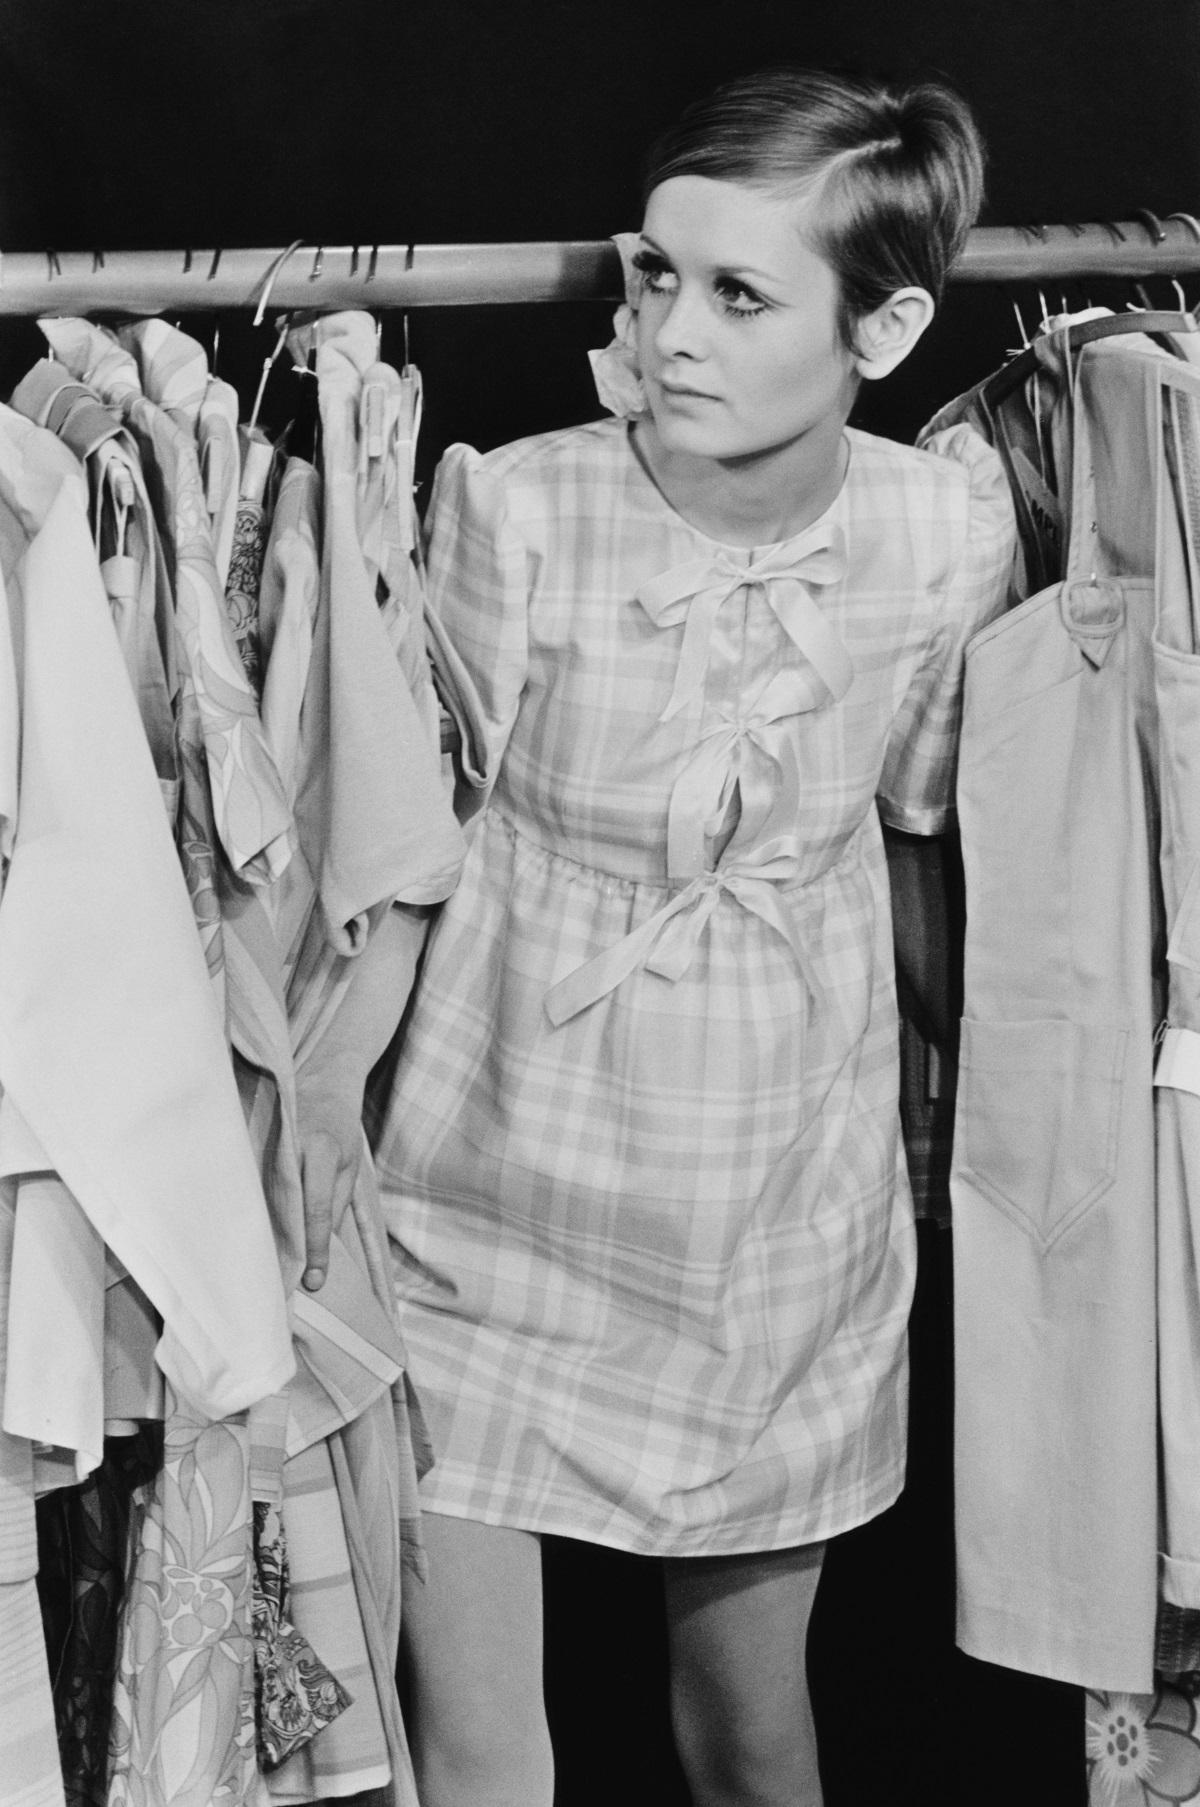 Модната икона на 60-те Туиги се ражда с името Лесли Хорнби. Впоследствие заради външсния си вид и слабо телосложение получава този псевдоним.